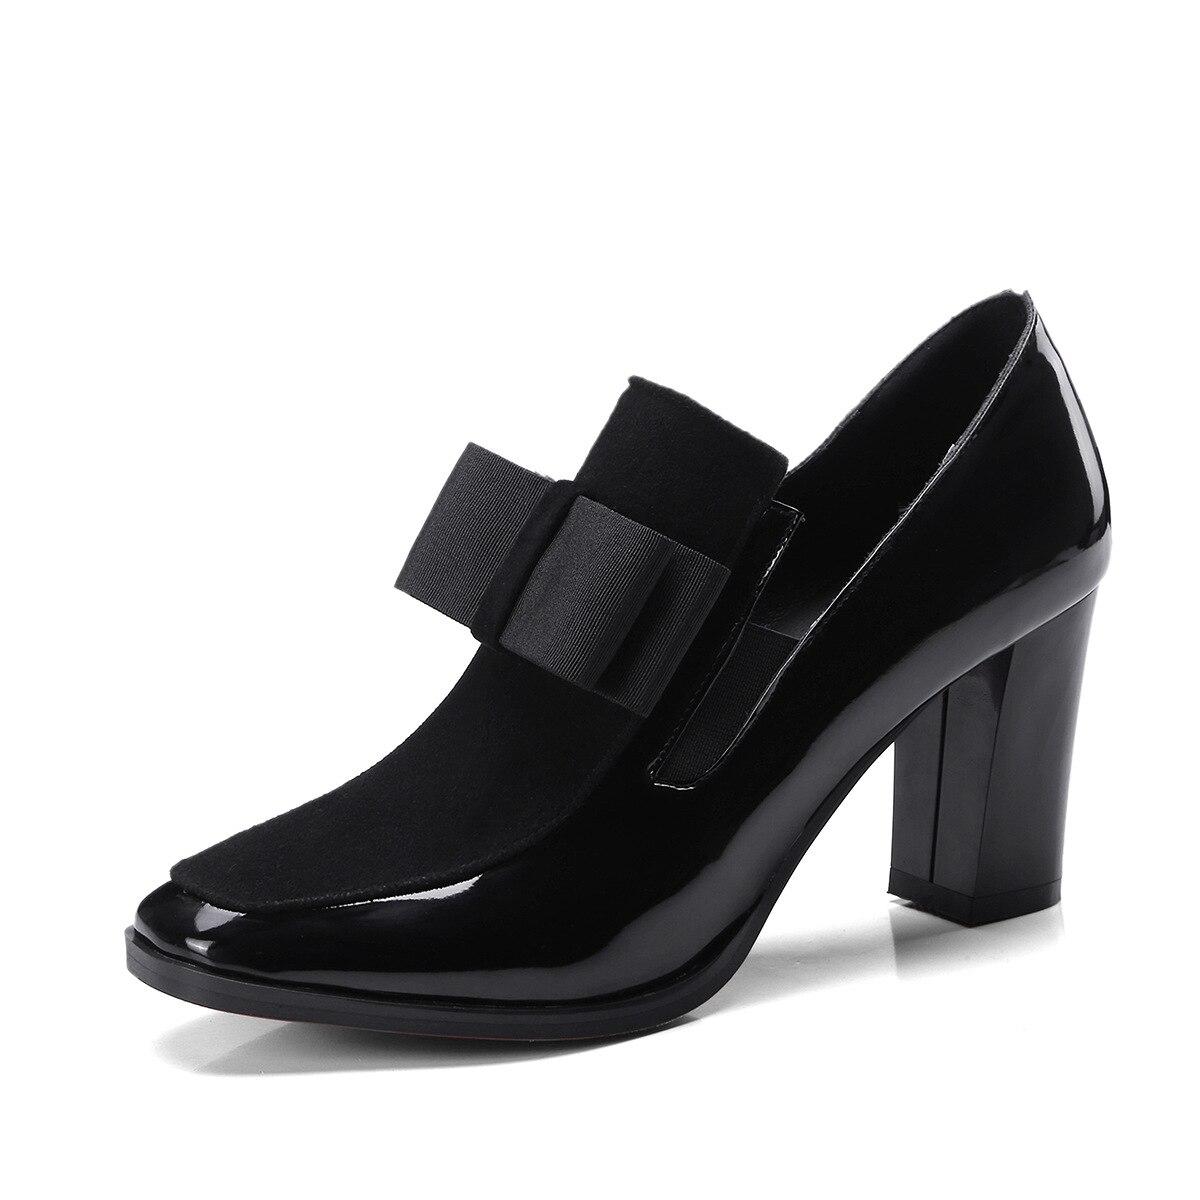 en soldes 98d88 74152 Femmes En Véritable Talons Chaussures Inférieure Dames Femme ...